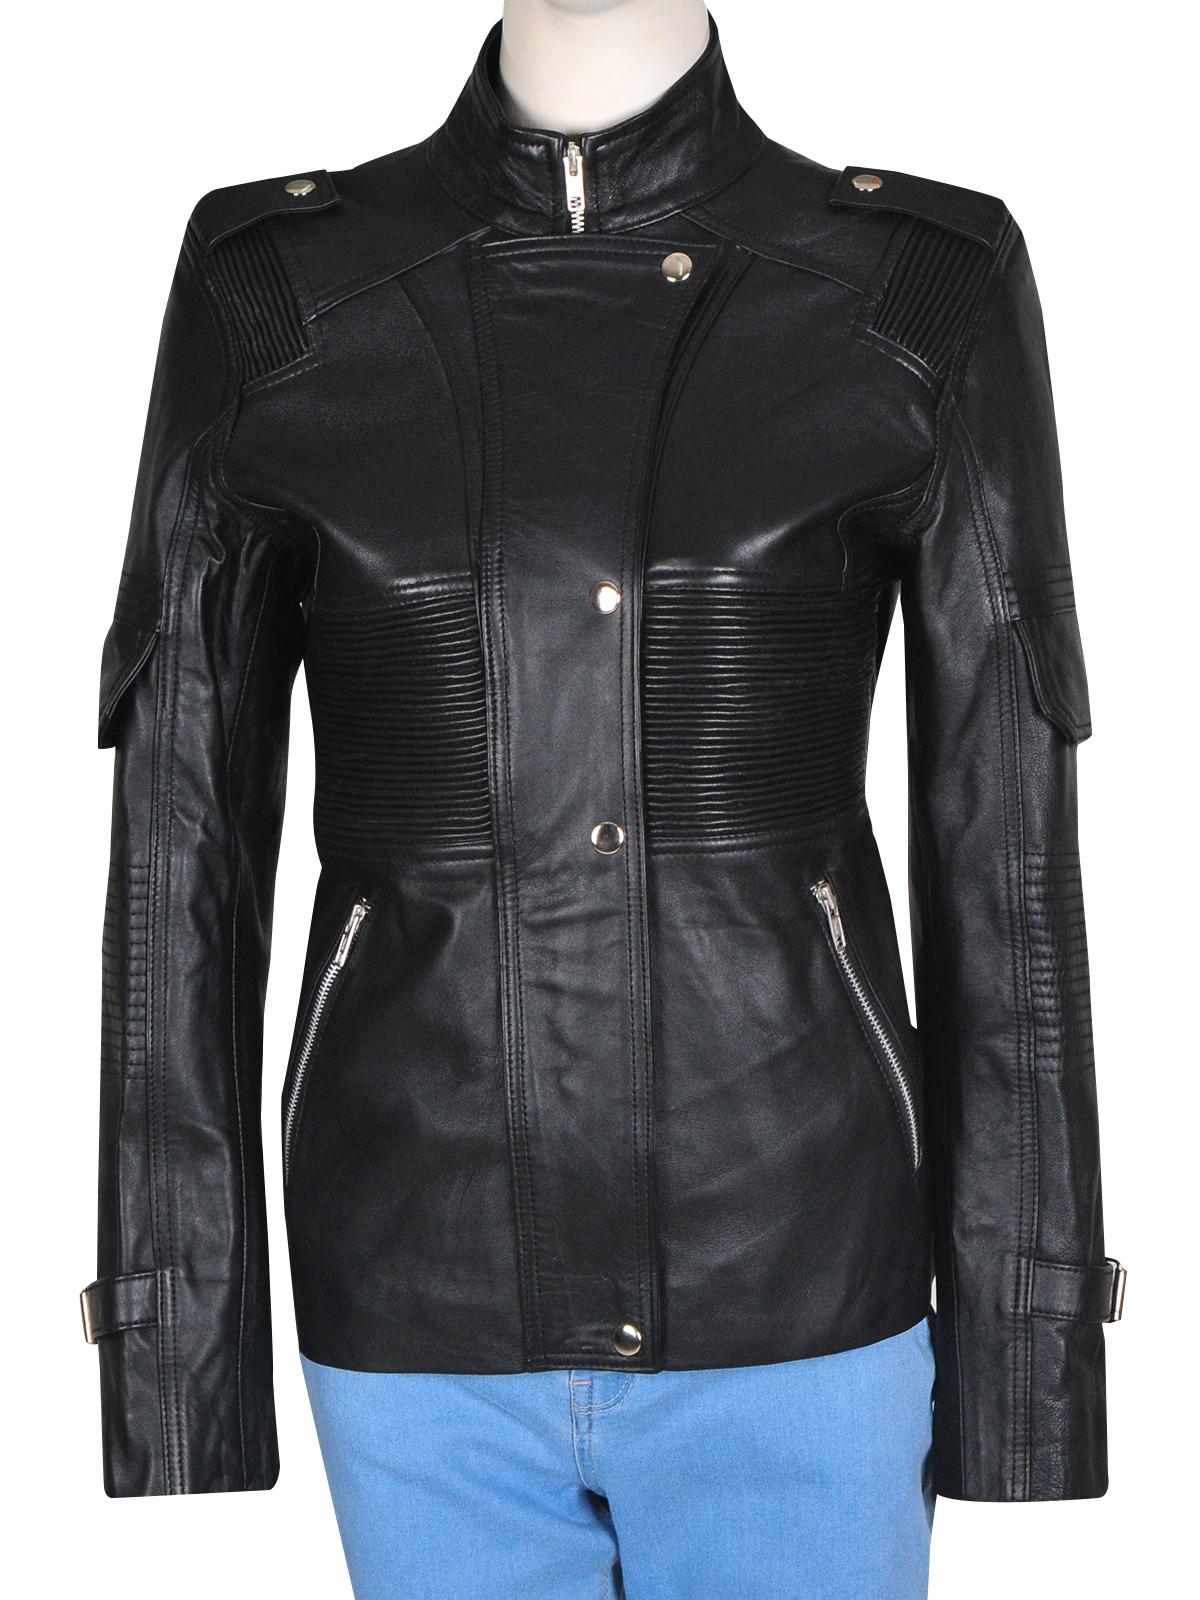 Stylish Amanda Tapping Sanctuary Black Leather Jacket